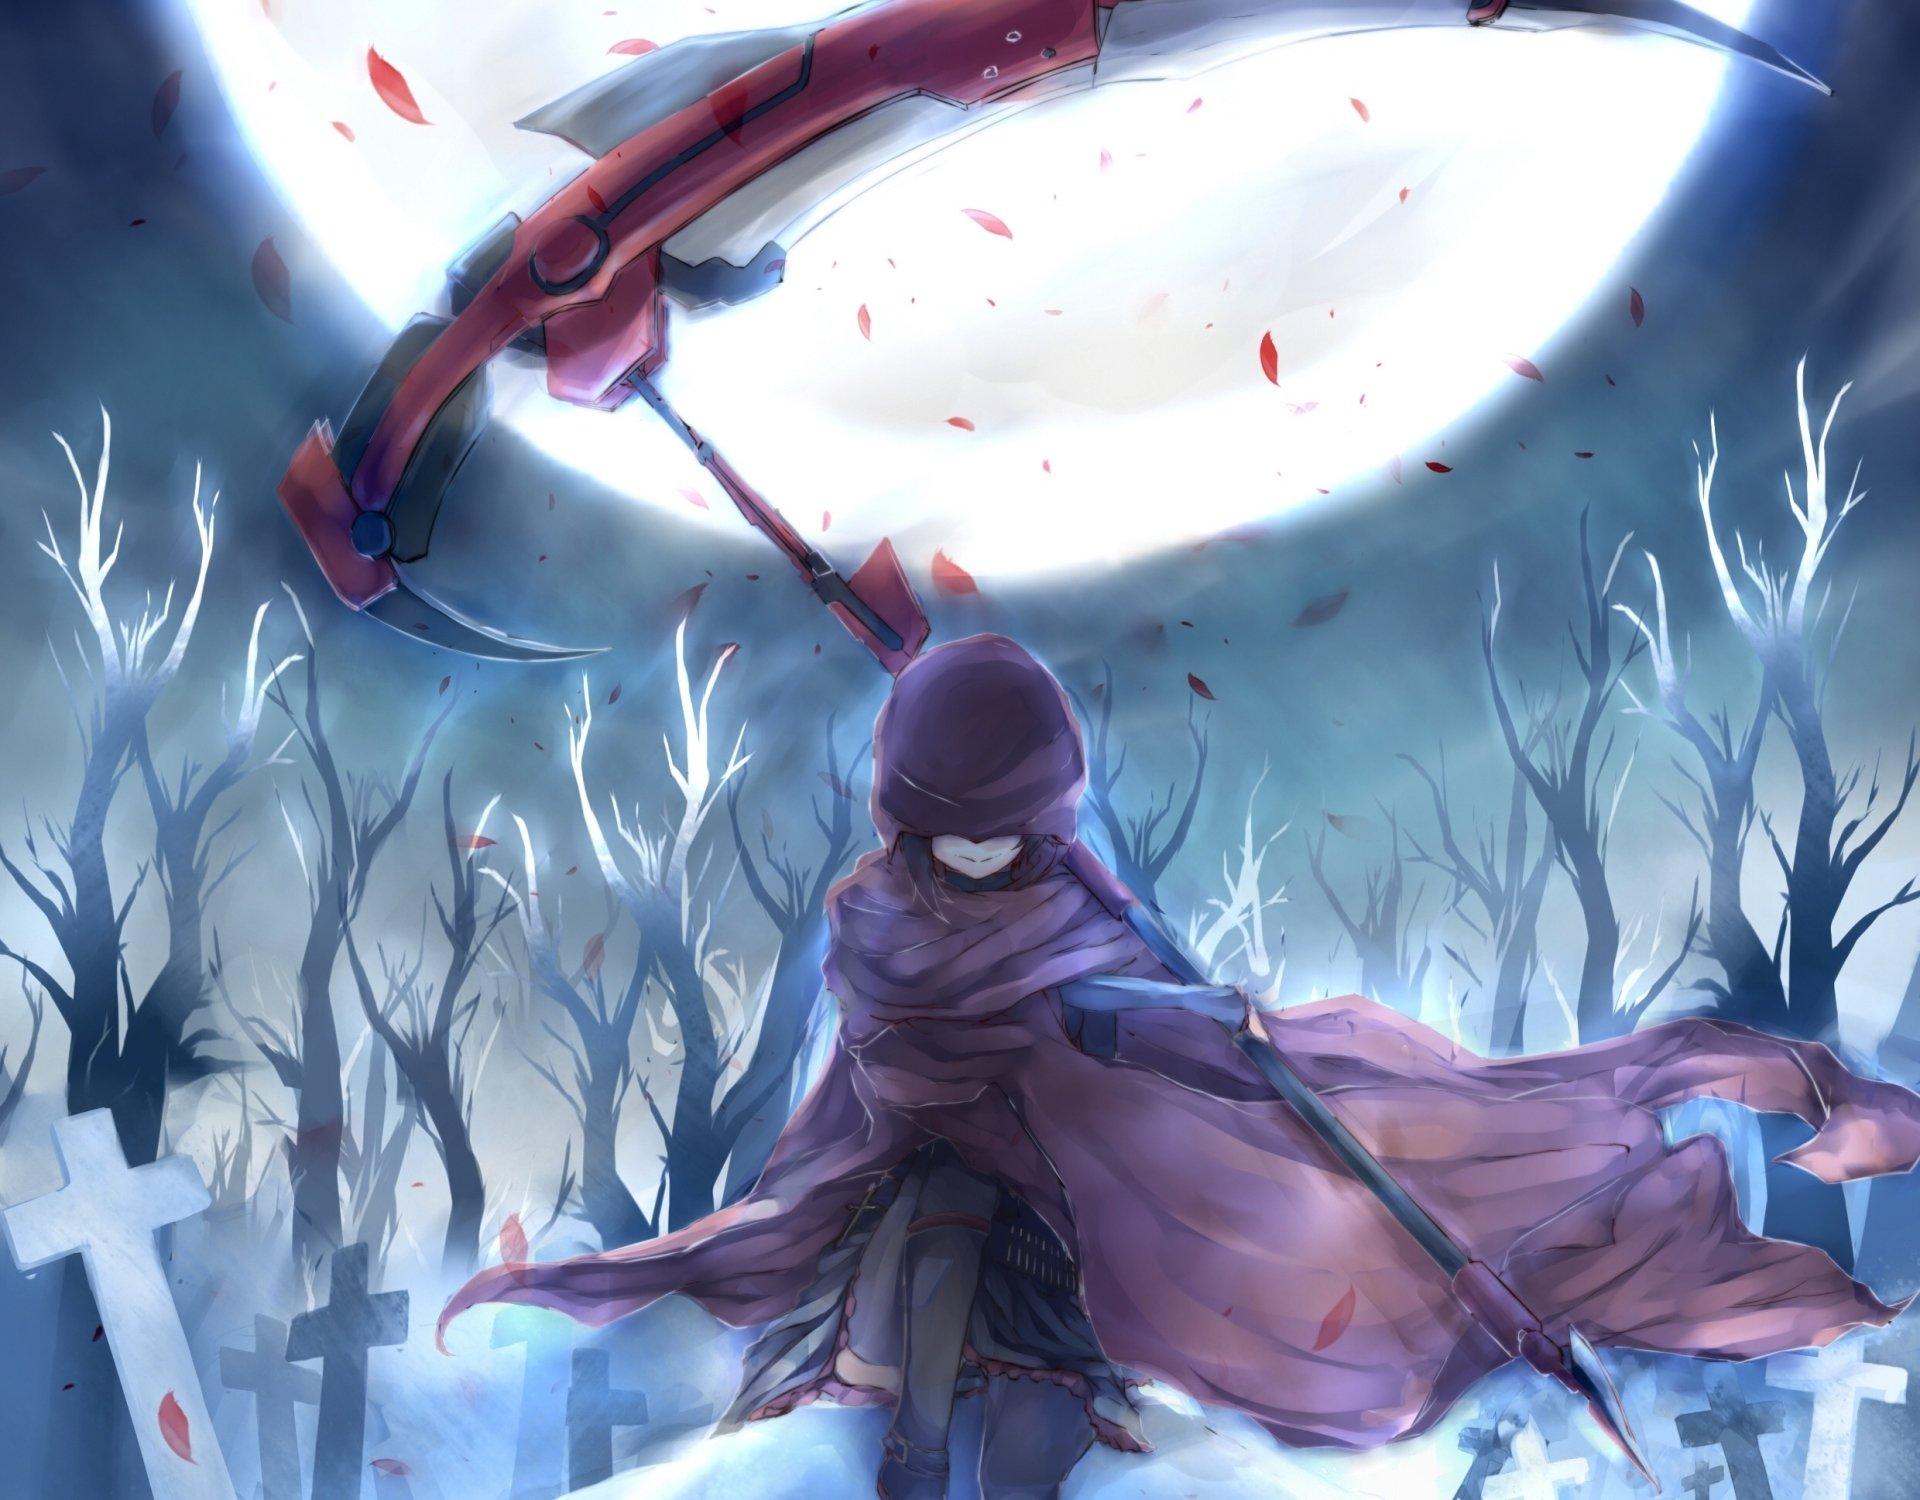 Anime - RWBY  Ruby Rose (RWBY) Anime Wallpaper